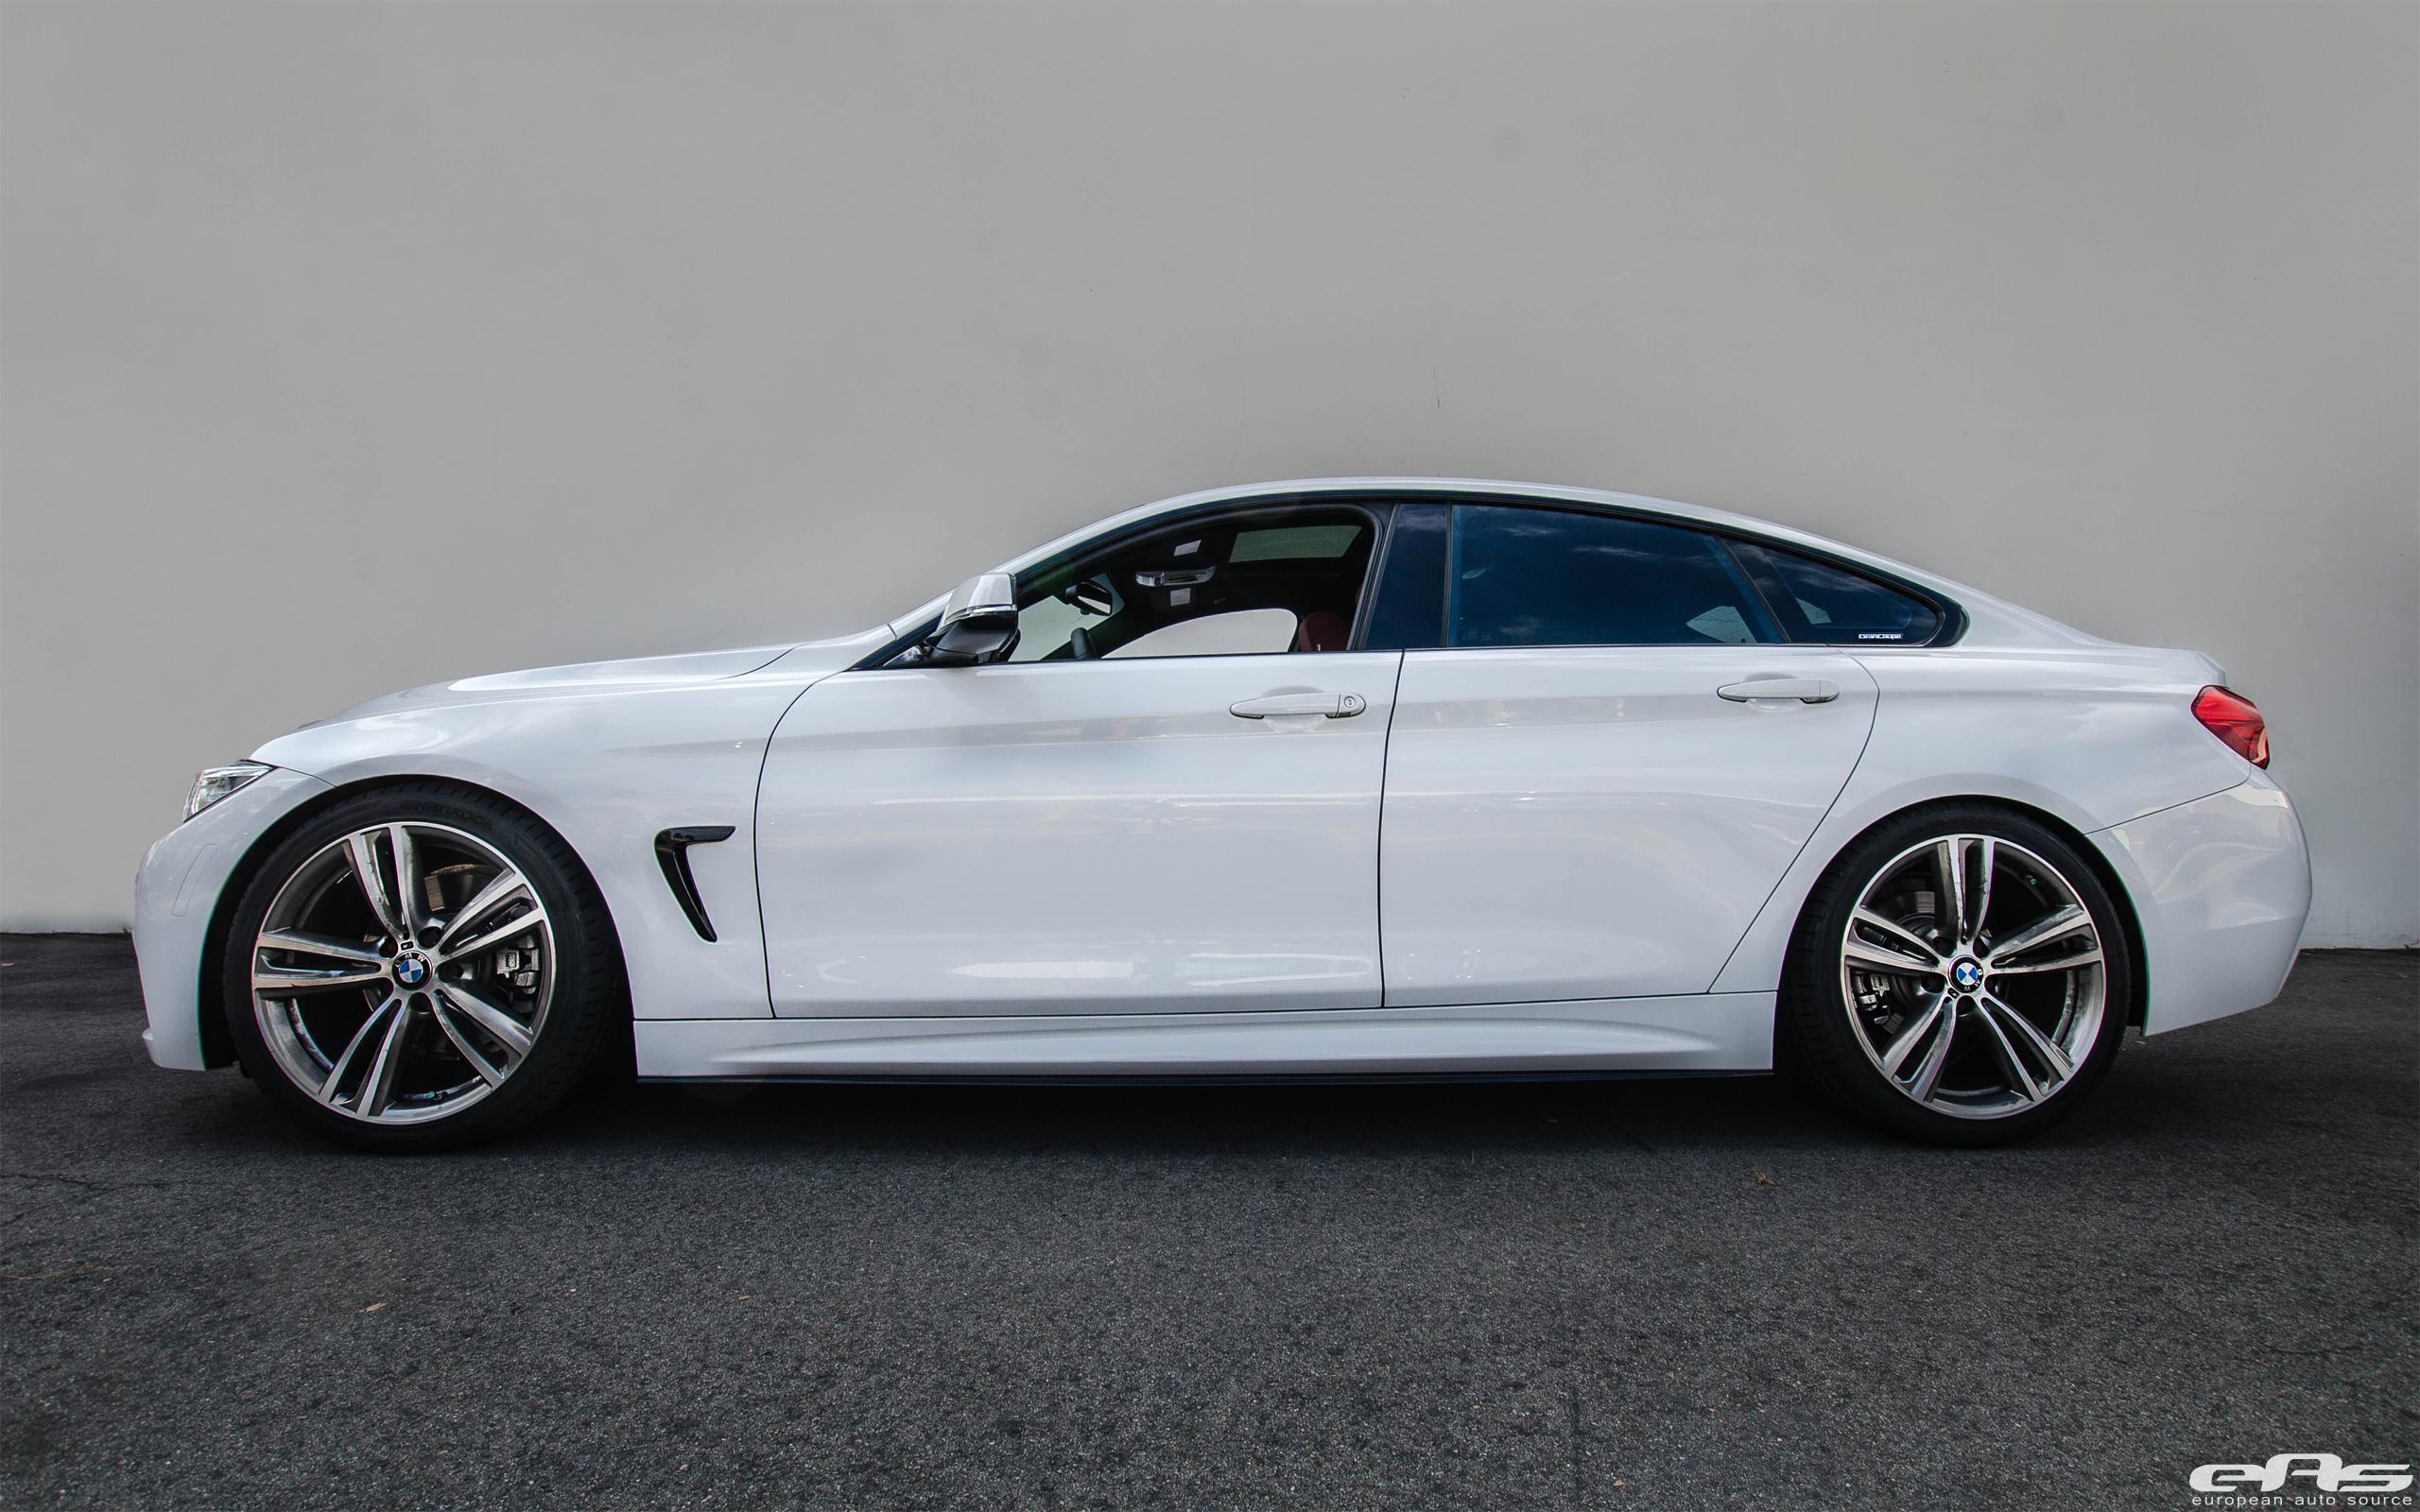 Alpine White BMW 428i Gets Updated At European Auto Source